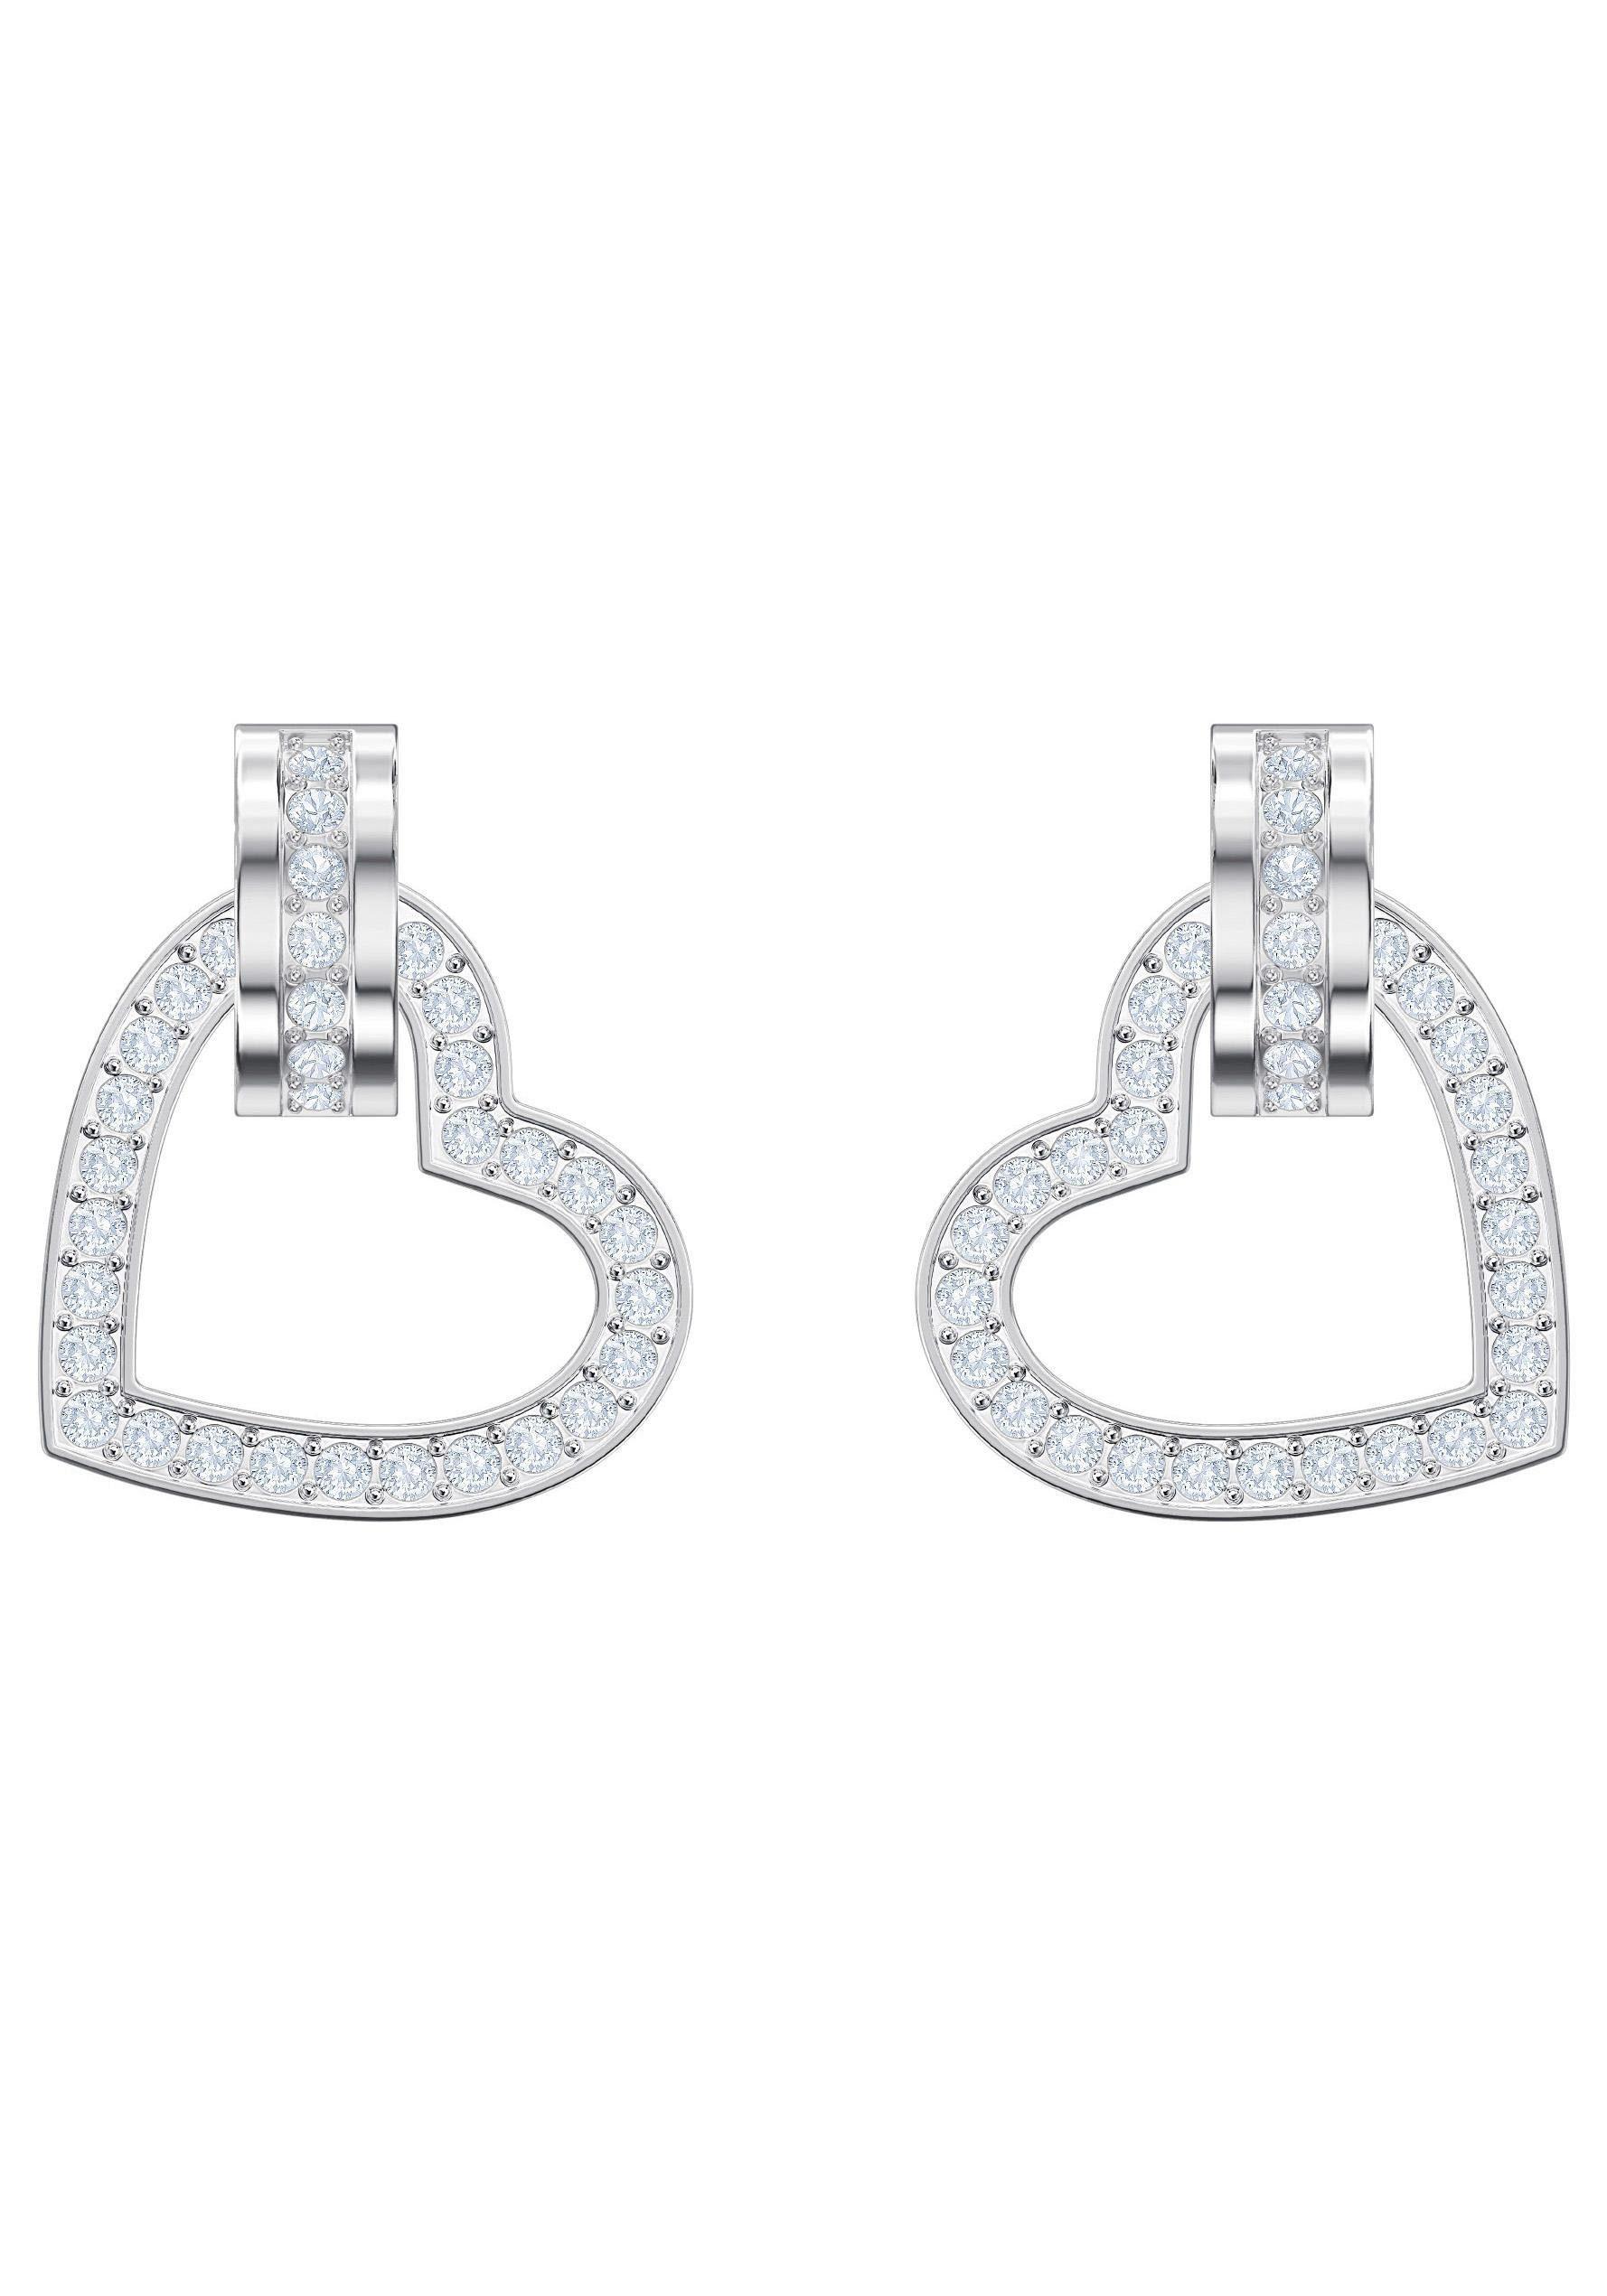 Swarovski Paar Ohrstecker »Lovely, weiss, rhodiniert, 5466756« mit Swarovski® Kristallen